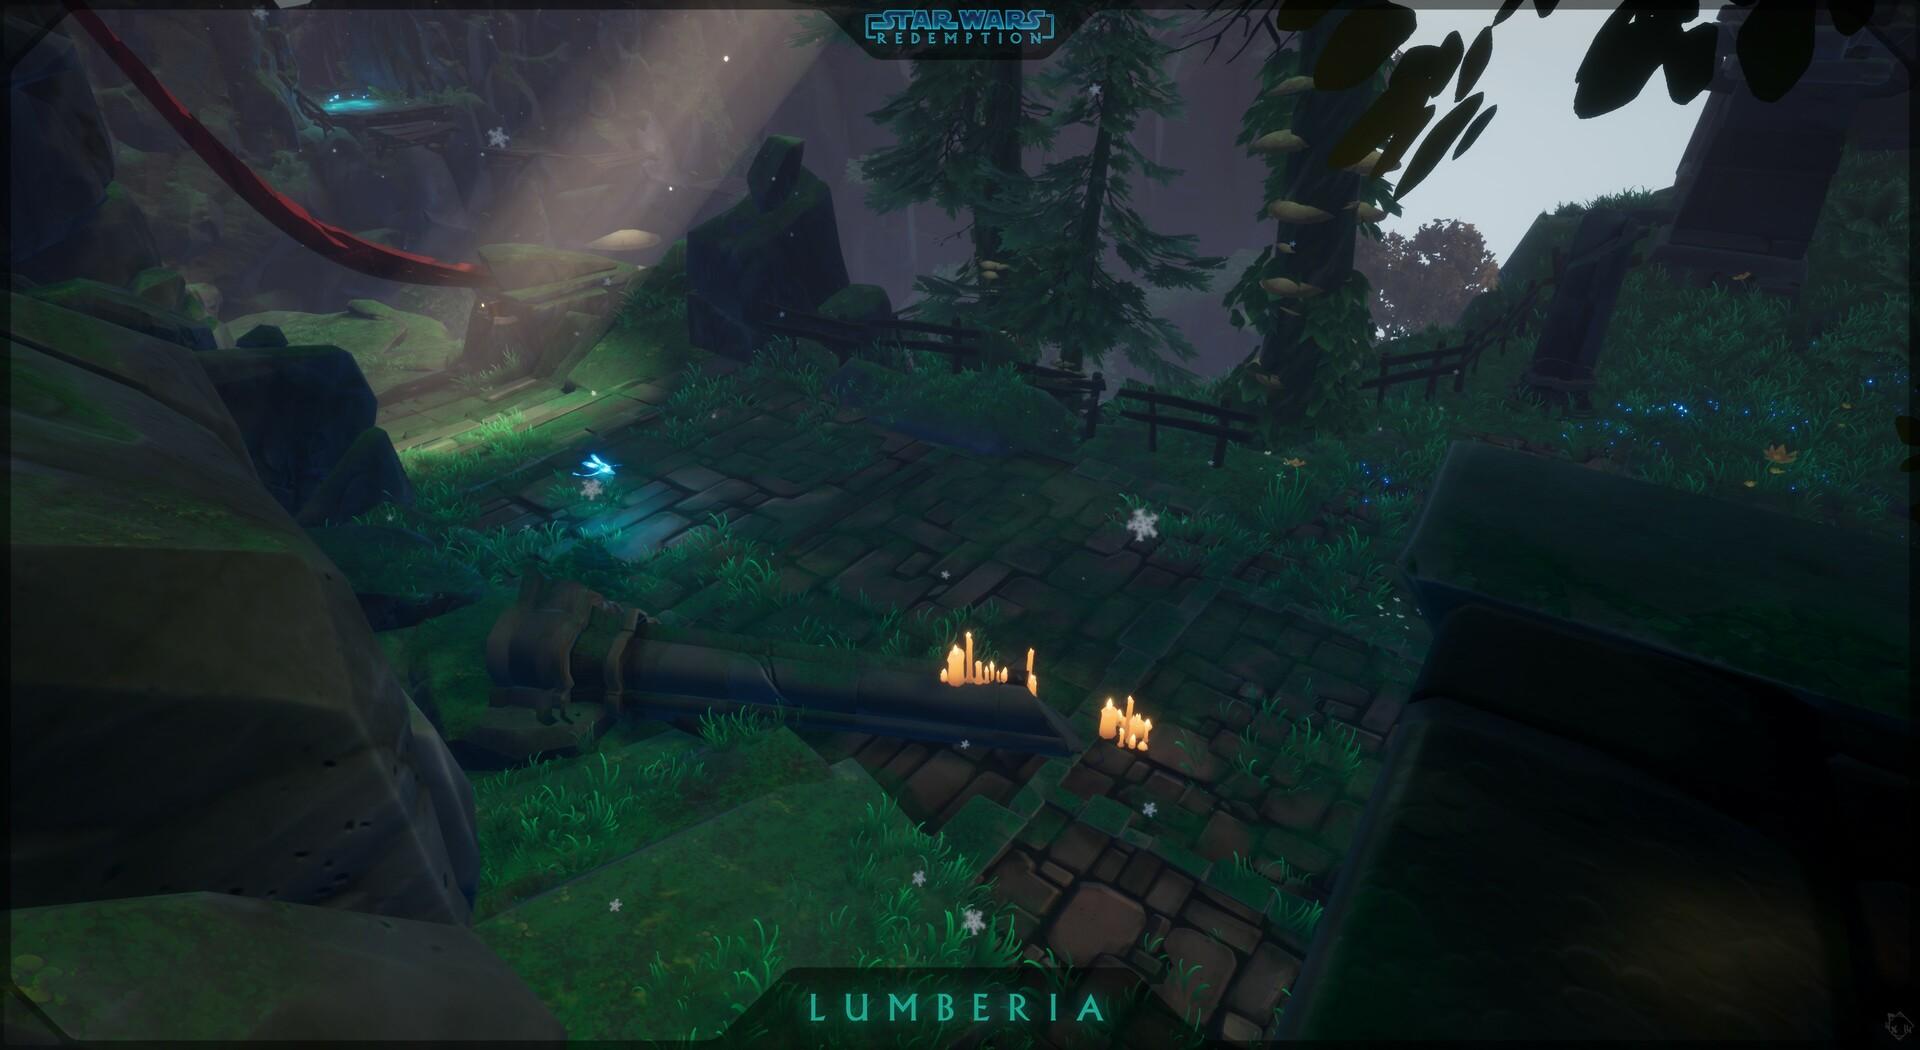 Etienne beschet swr screenshot lumberia temple 07